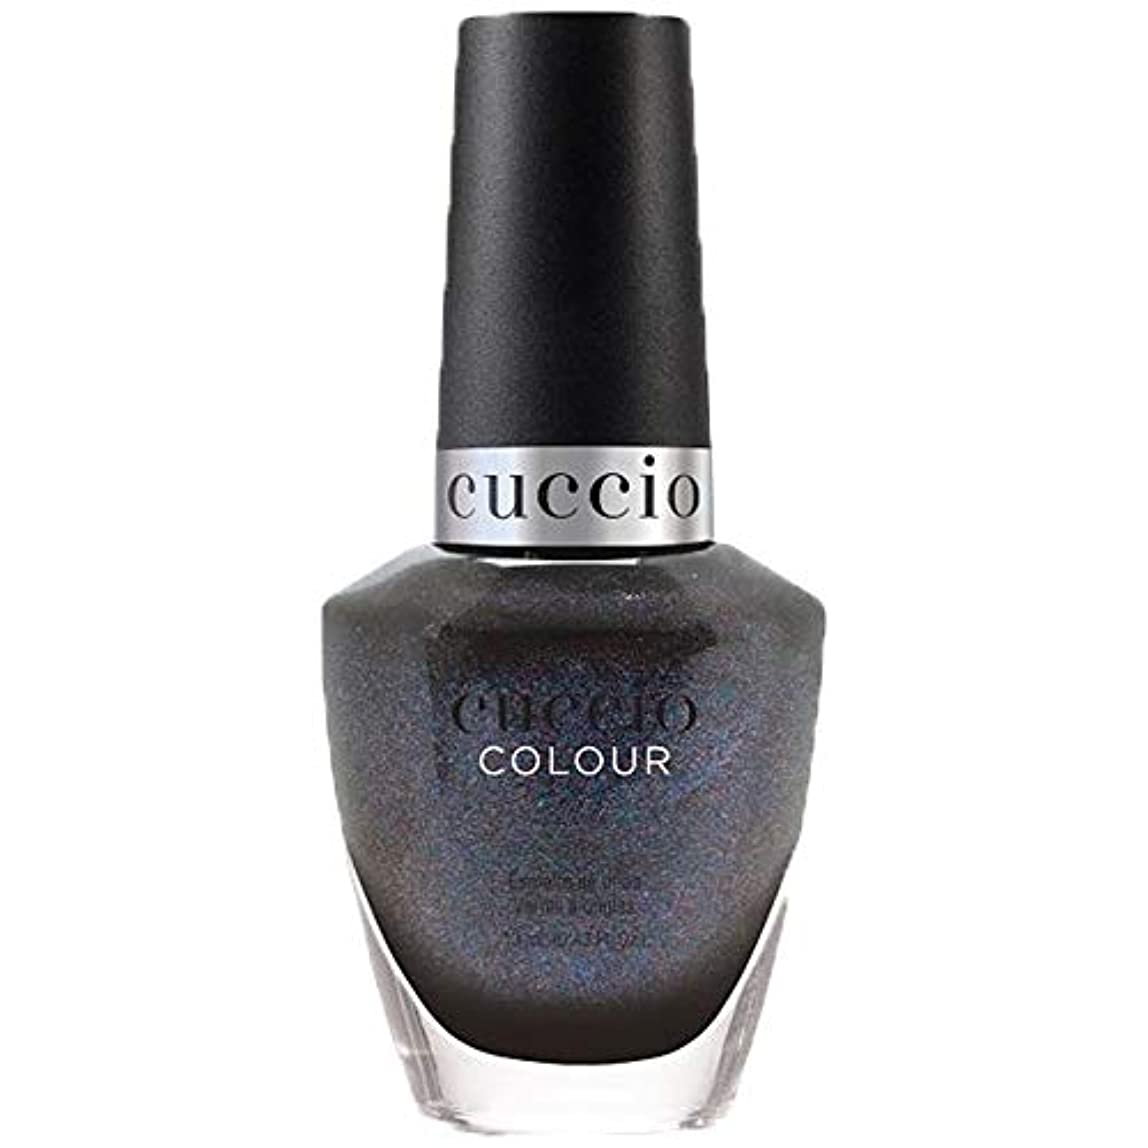 スロベニア対処病弱Cuccio Colour Nail Lacquer - Tapestry Collection - Cover Me Up! - 13 mL / 0.43 oz